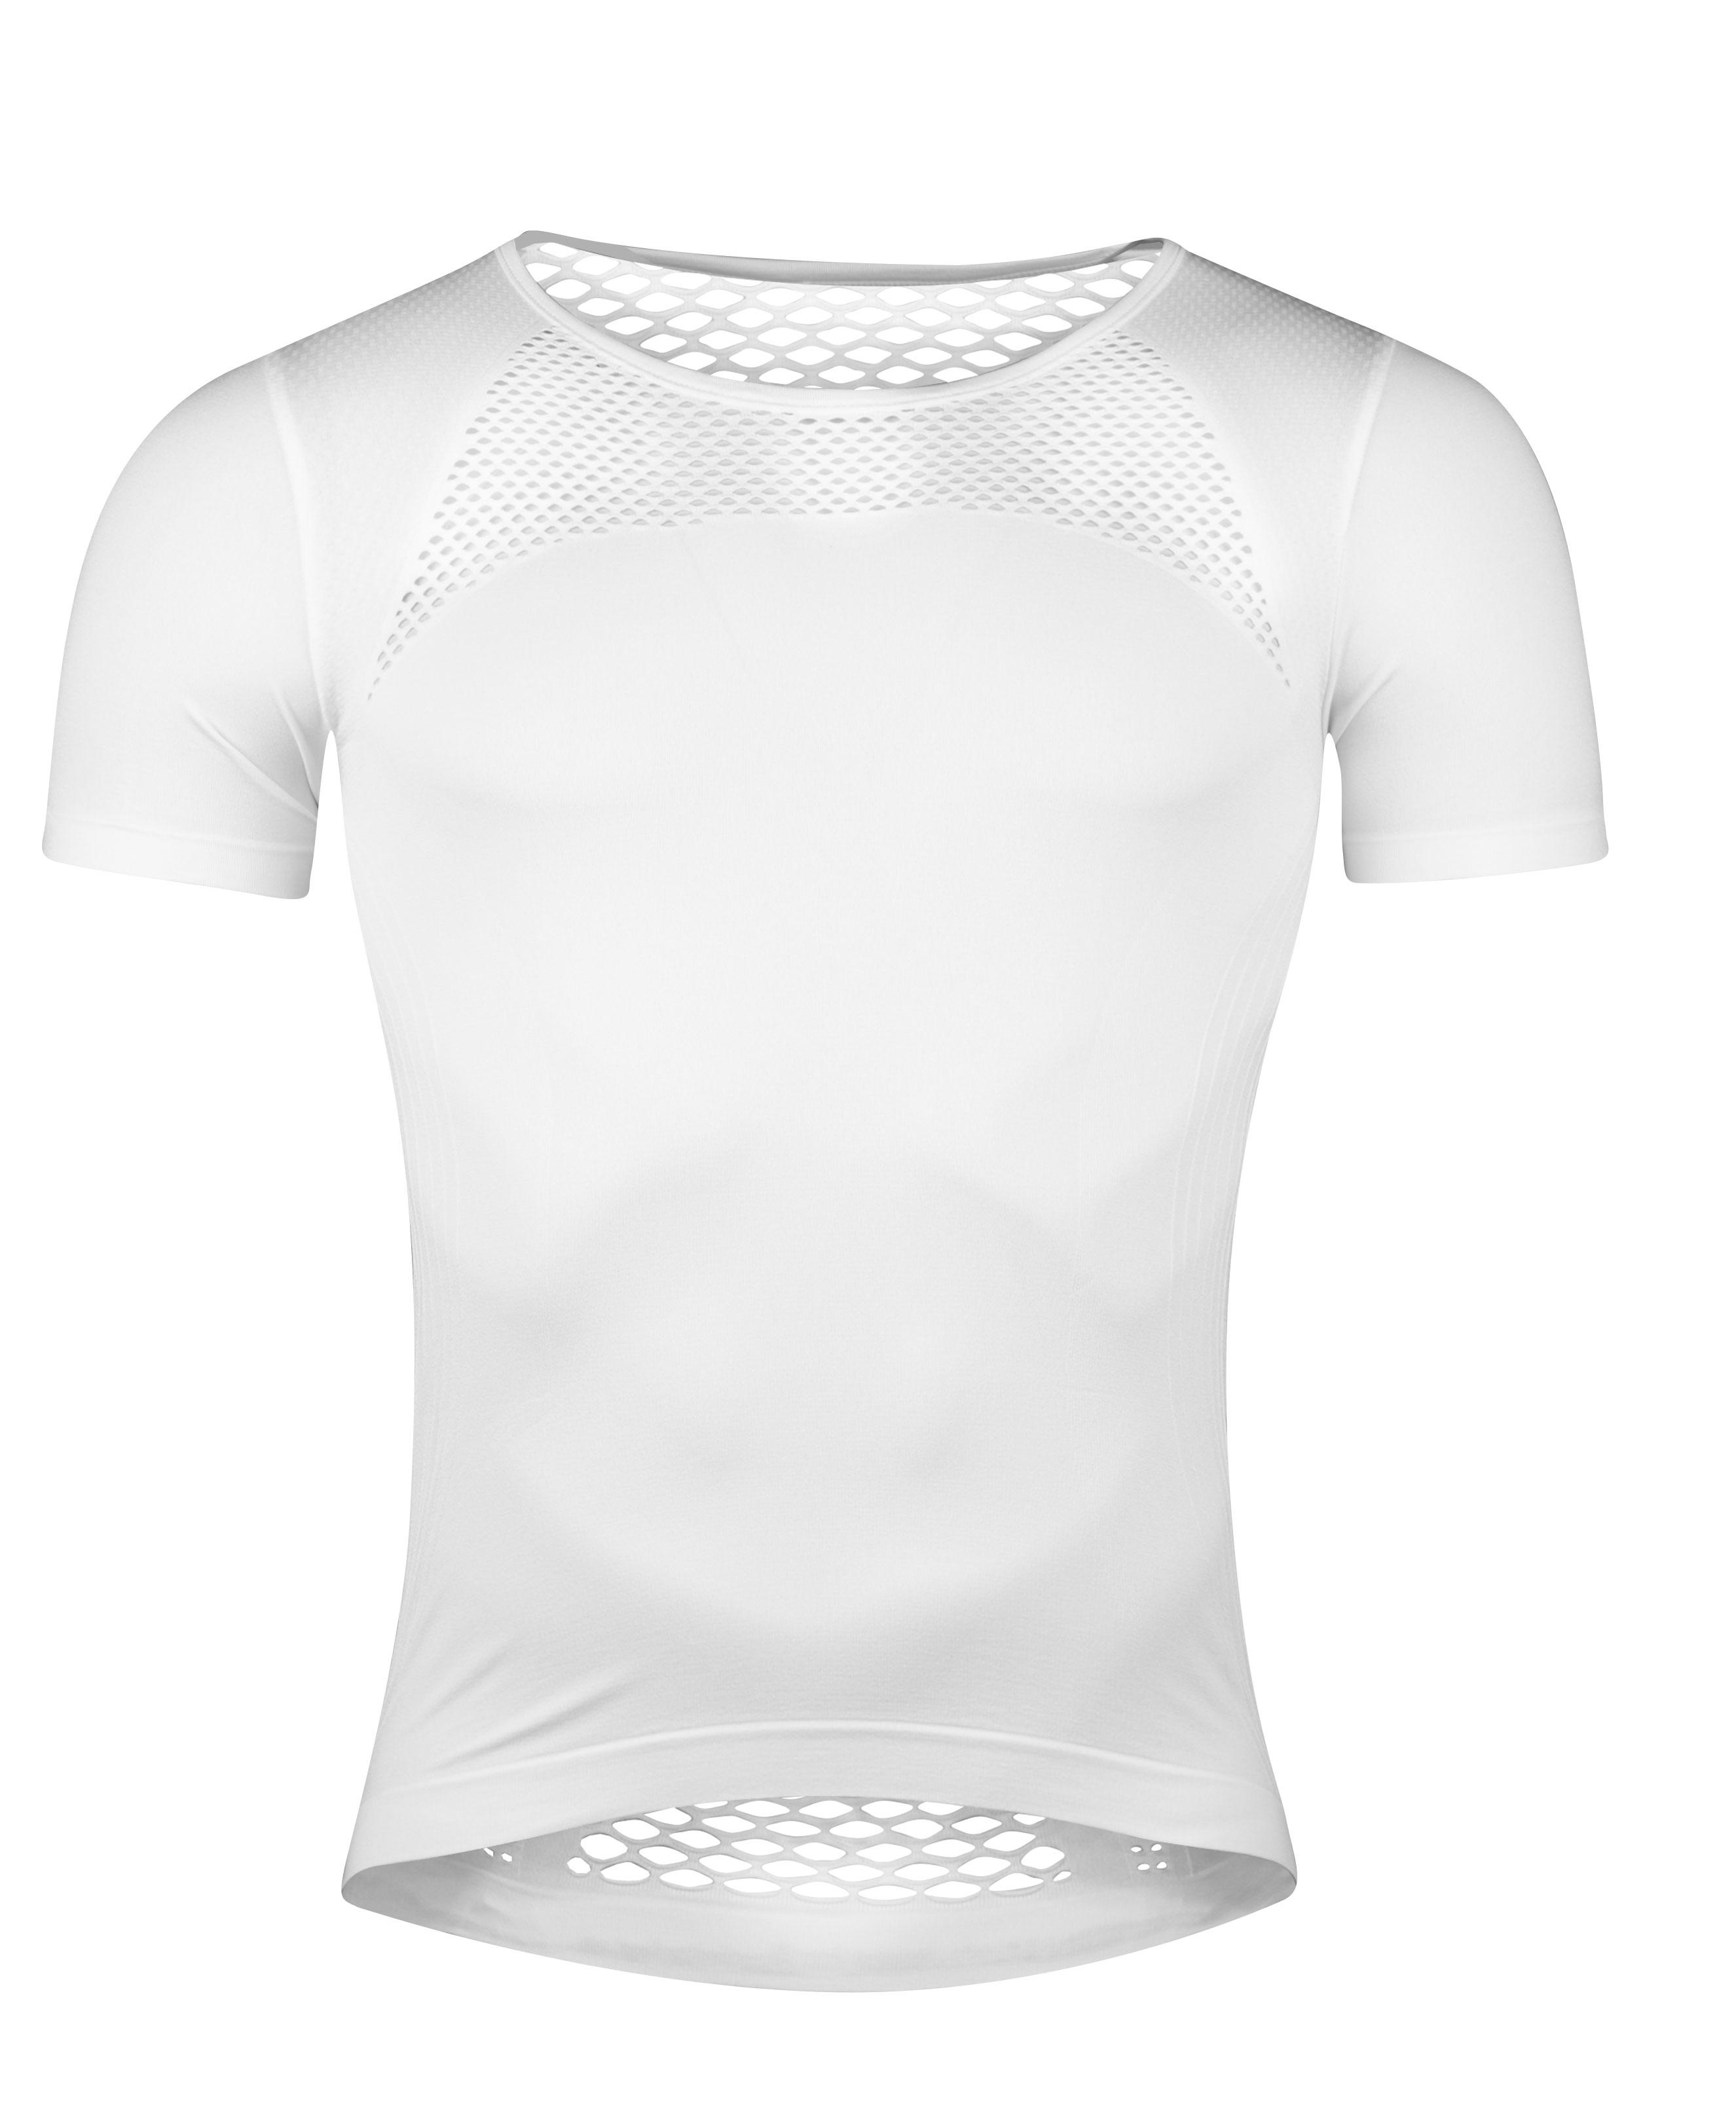 triko funkční  F SUMMER krátký rukáv, bílé XS-S